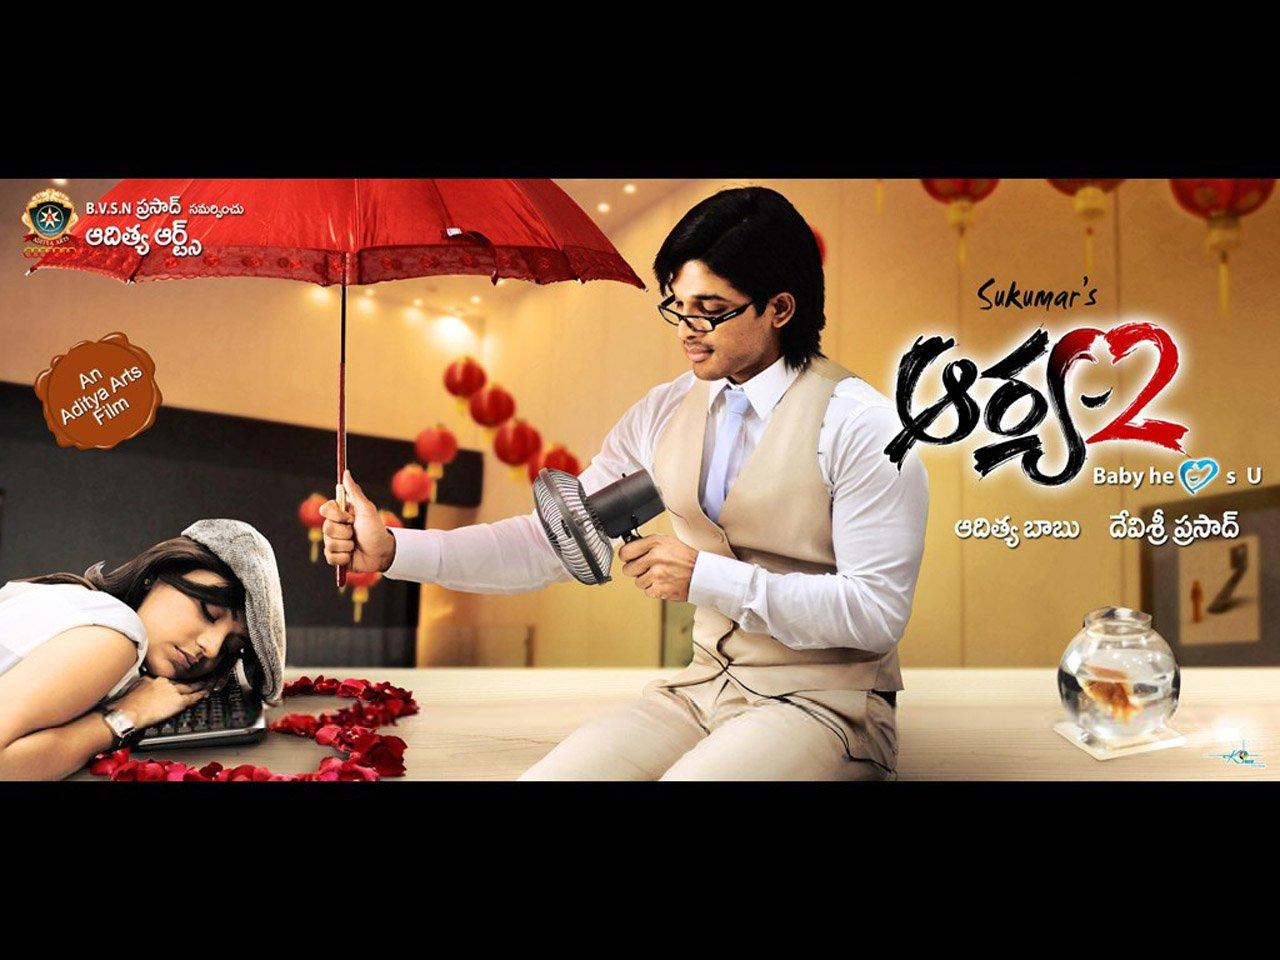 Arya 2 telugu movie ringtones